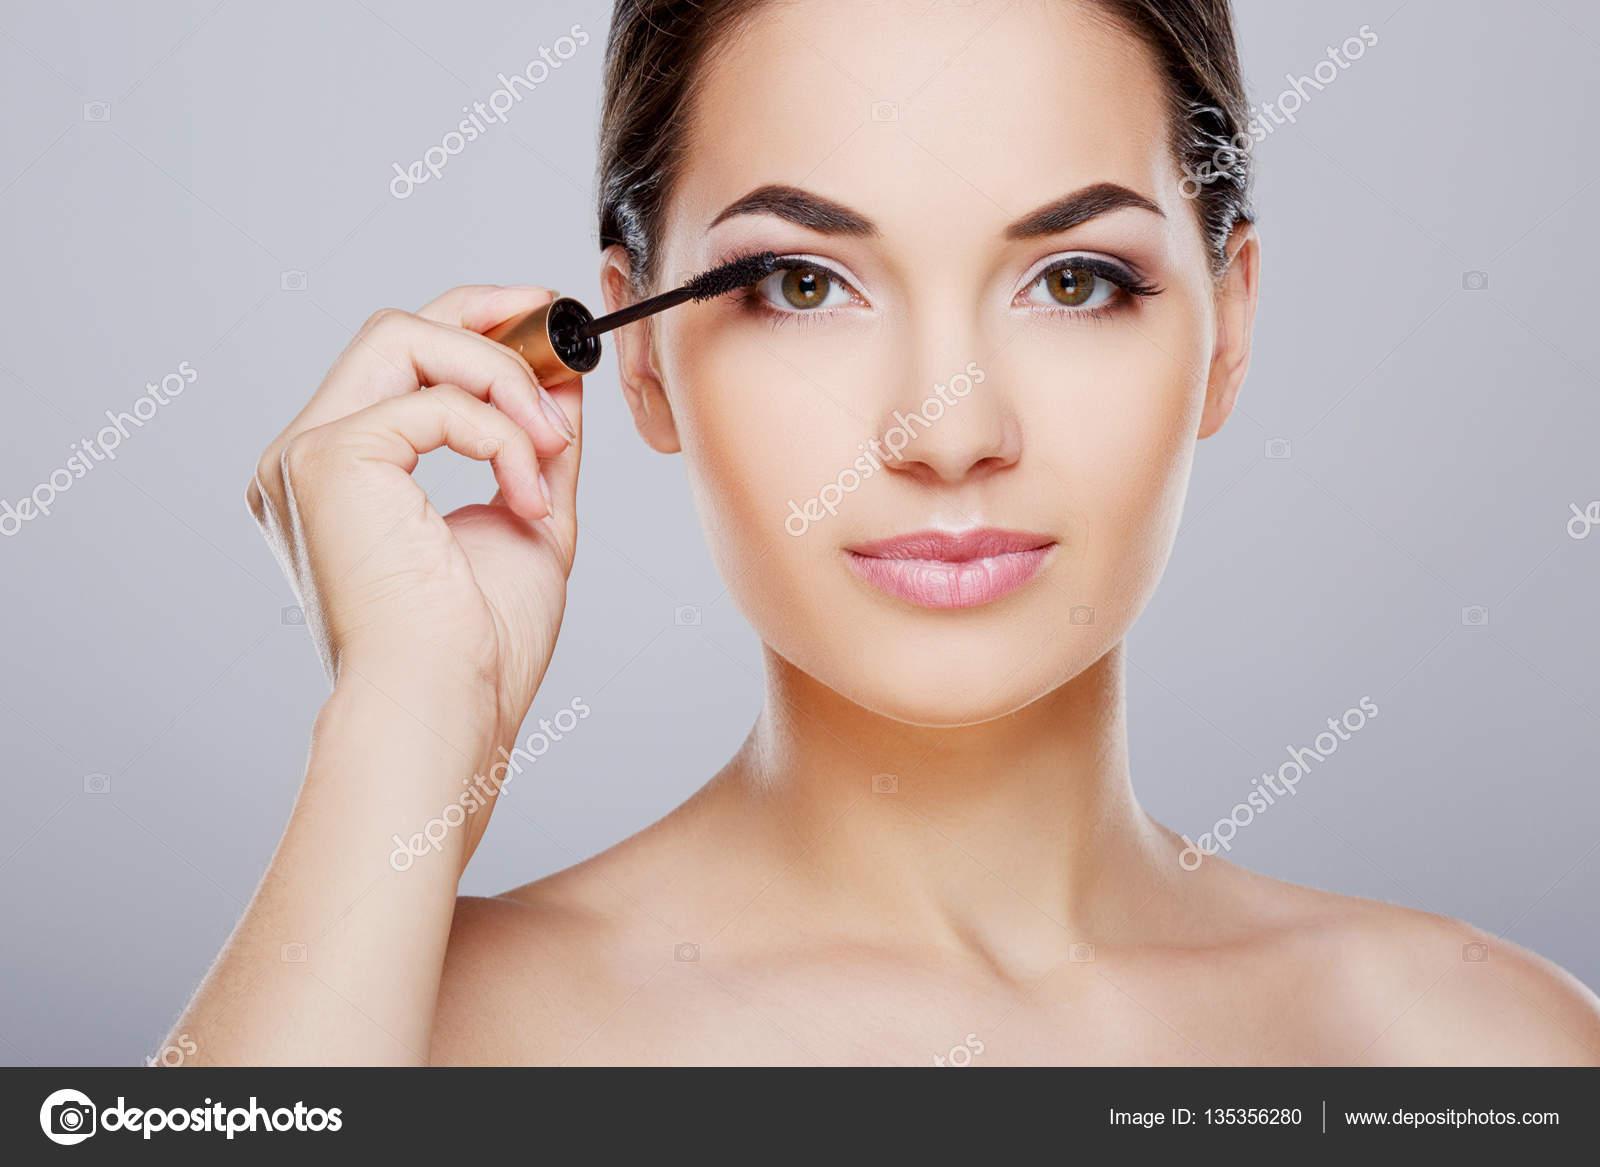 Pretty Model Painting Eyelashes With Mascara Stock Photo